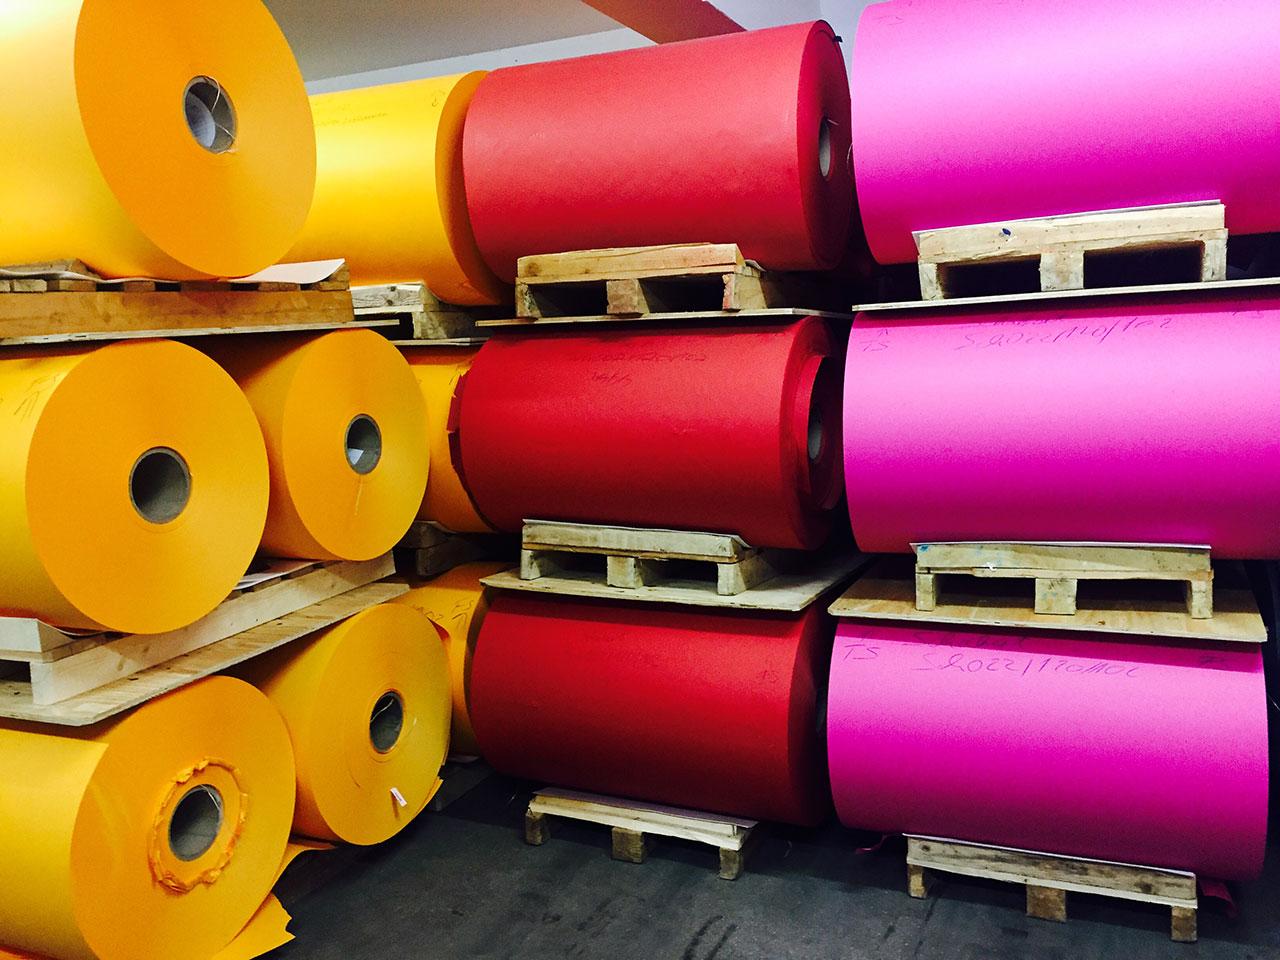 Besuch bei gmund Die Papierkultur vom Tegernsee paper culture of Tegernsee